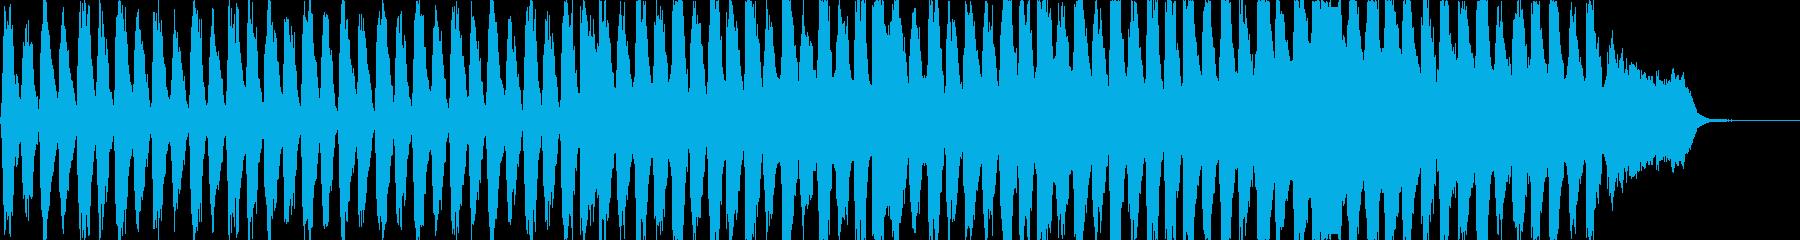 暗く壮大なオーケストラサスペンスの再生済みの波形